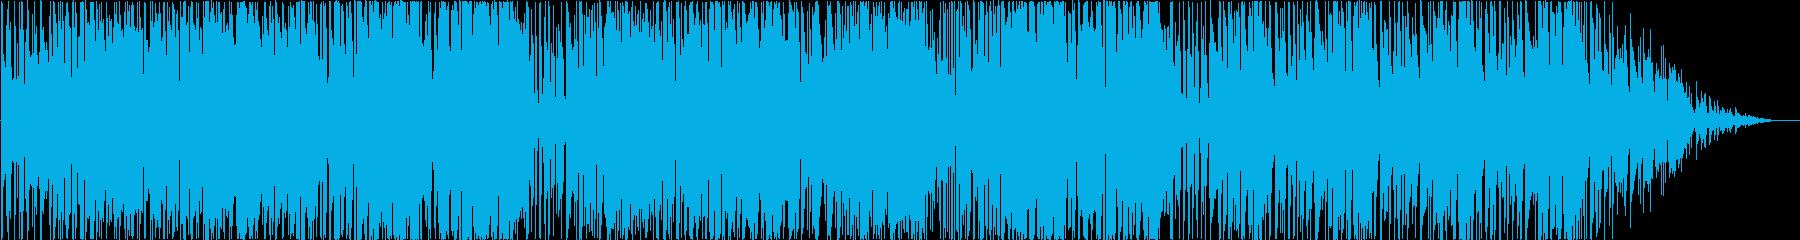 プロムナード4Dの再生済みの波形